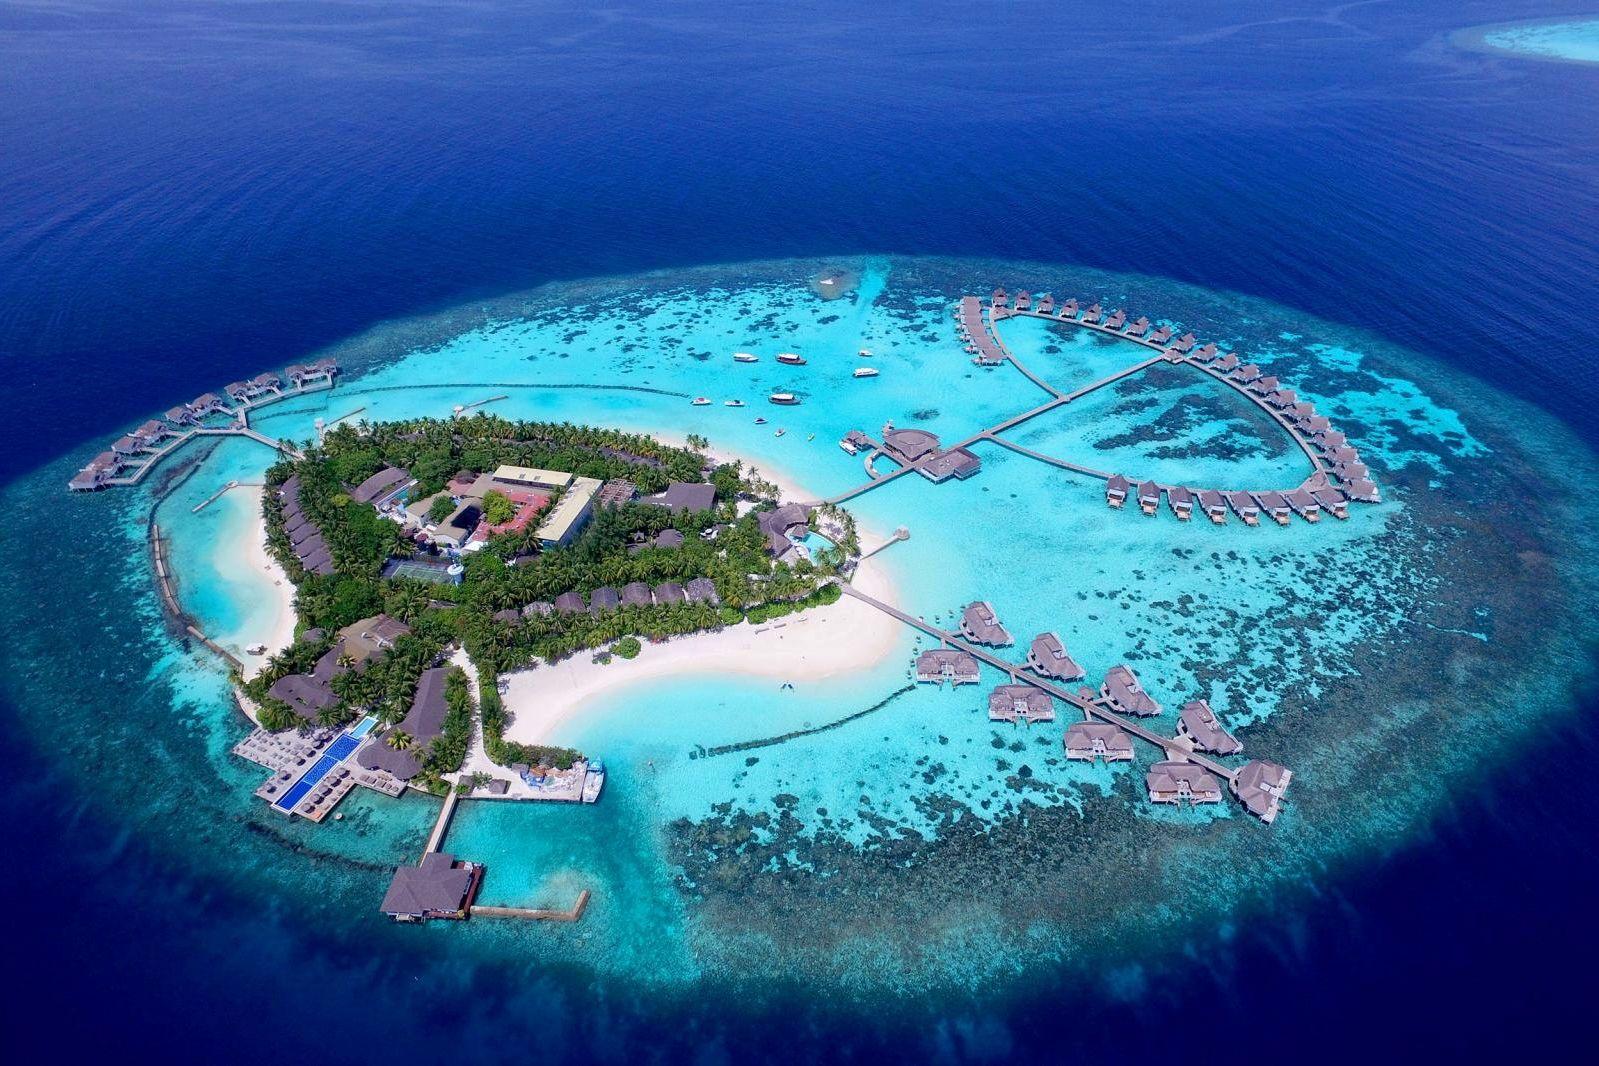 Мальдивы могут уйти под воду к 2100 году - власти островов просят мир о помощи